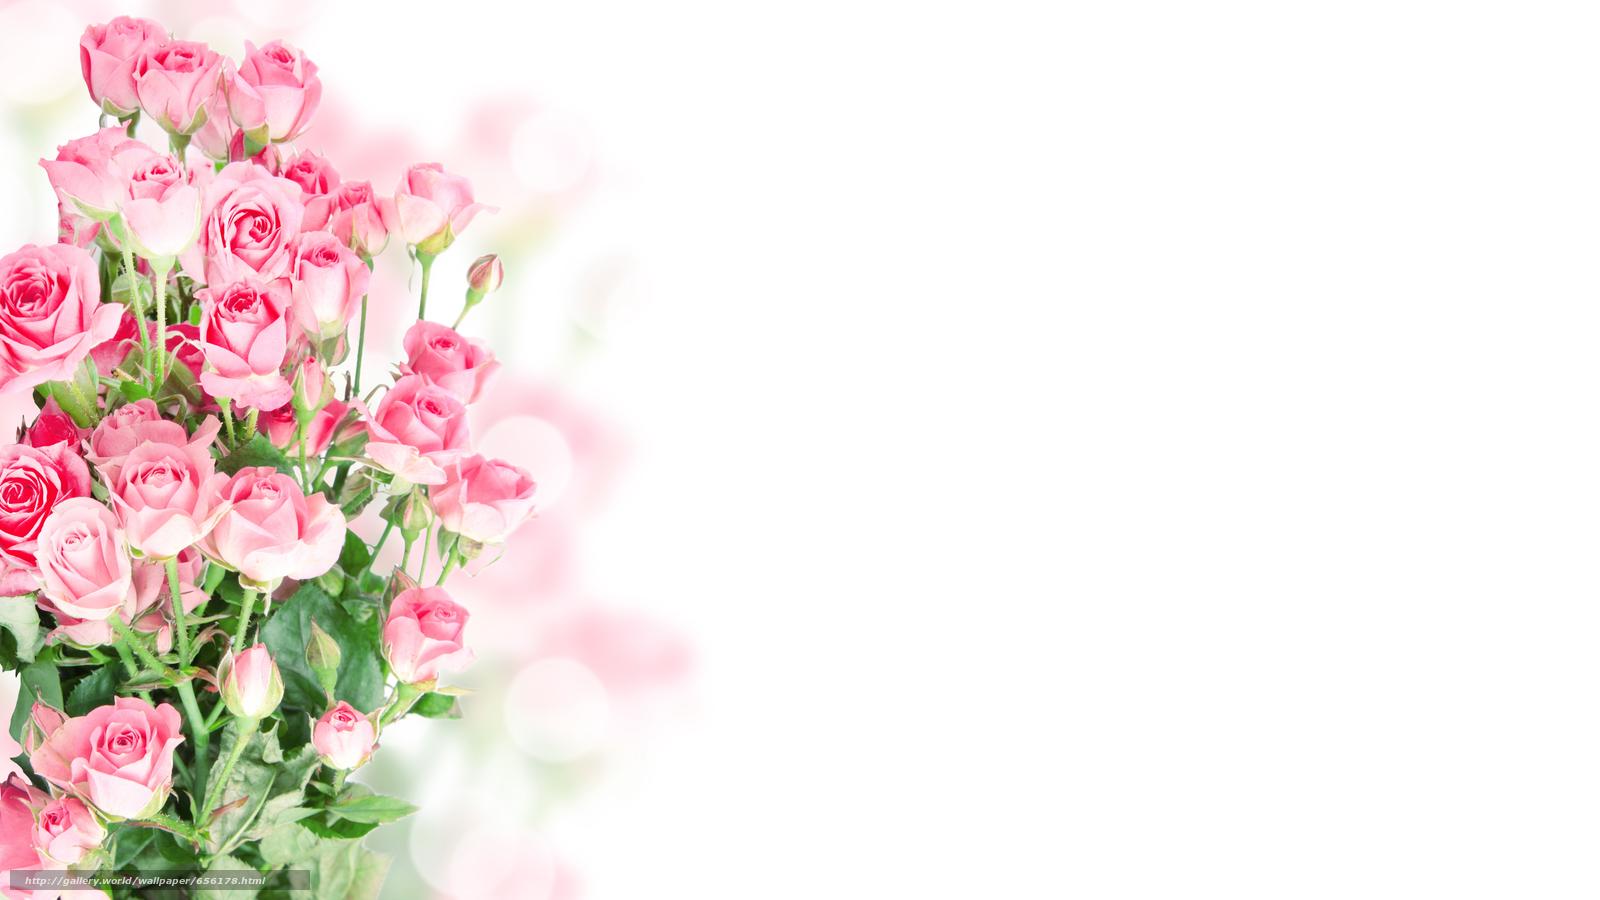 Красивый фон для открытки розовый 36